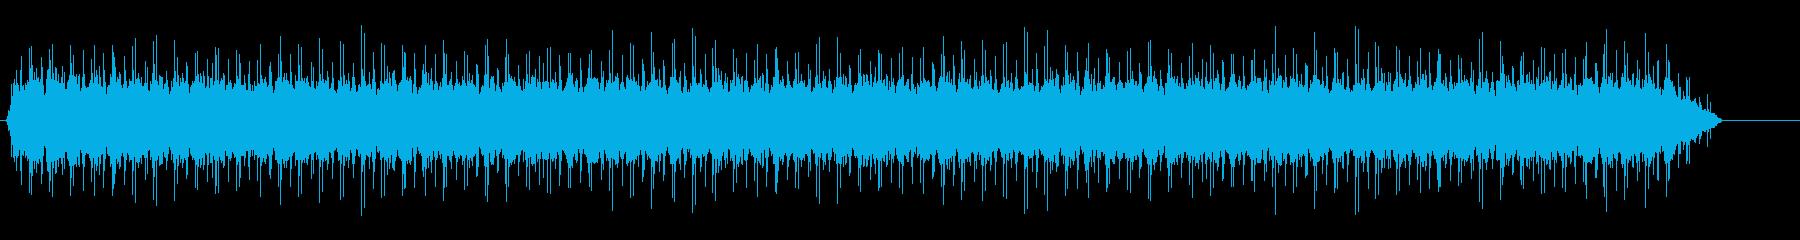 プレスブックプレスの再生済みの波形